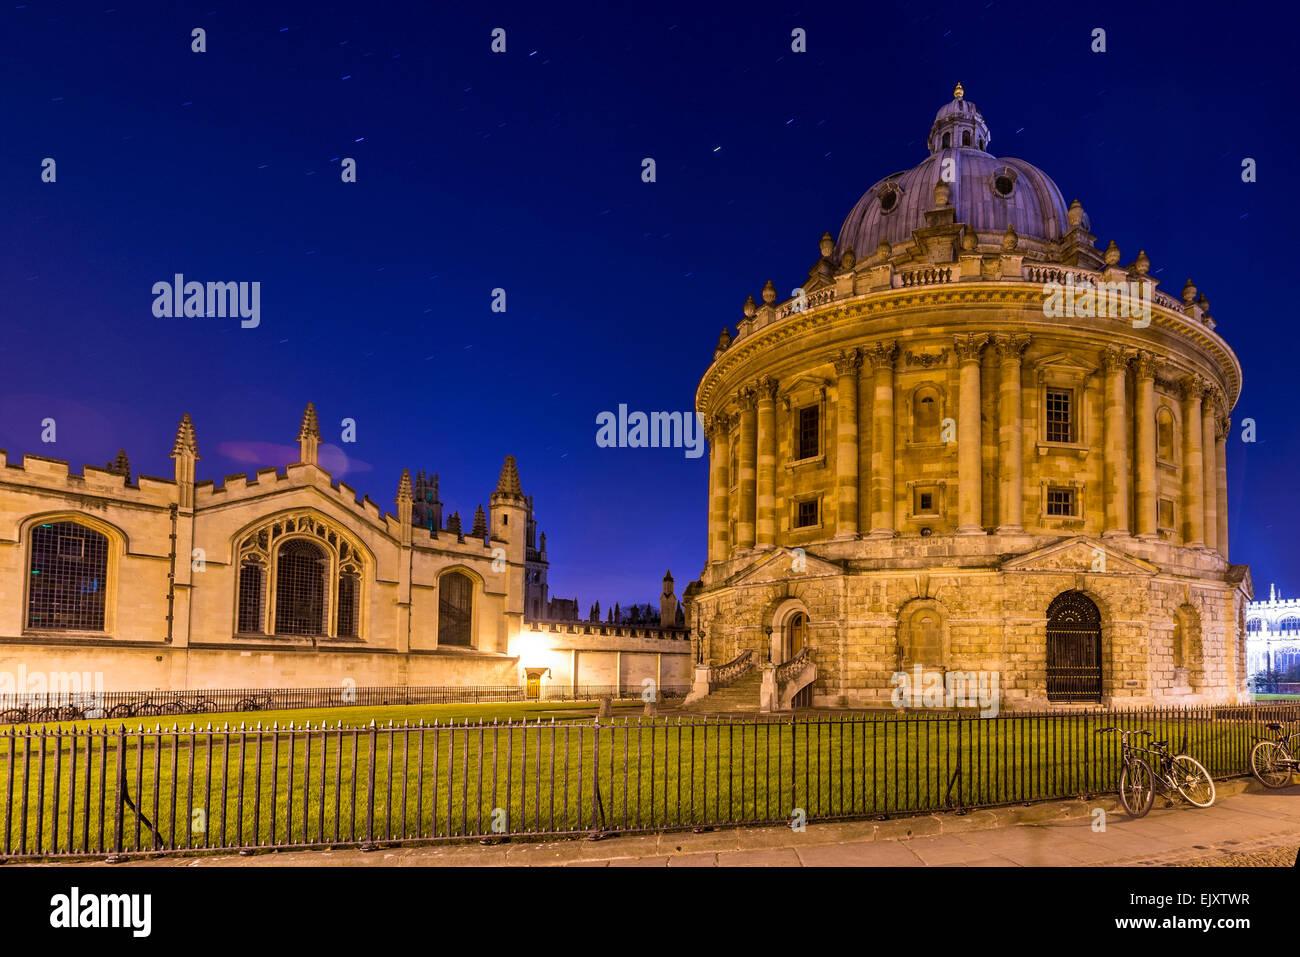 La Radcliffe Camera est une salle de lecture de la Bodleian Library, Oxford University. Vu ici dans la nuit avec Photo Stock